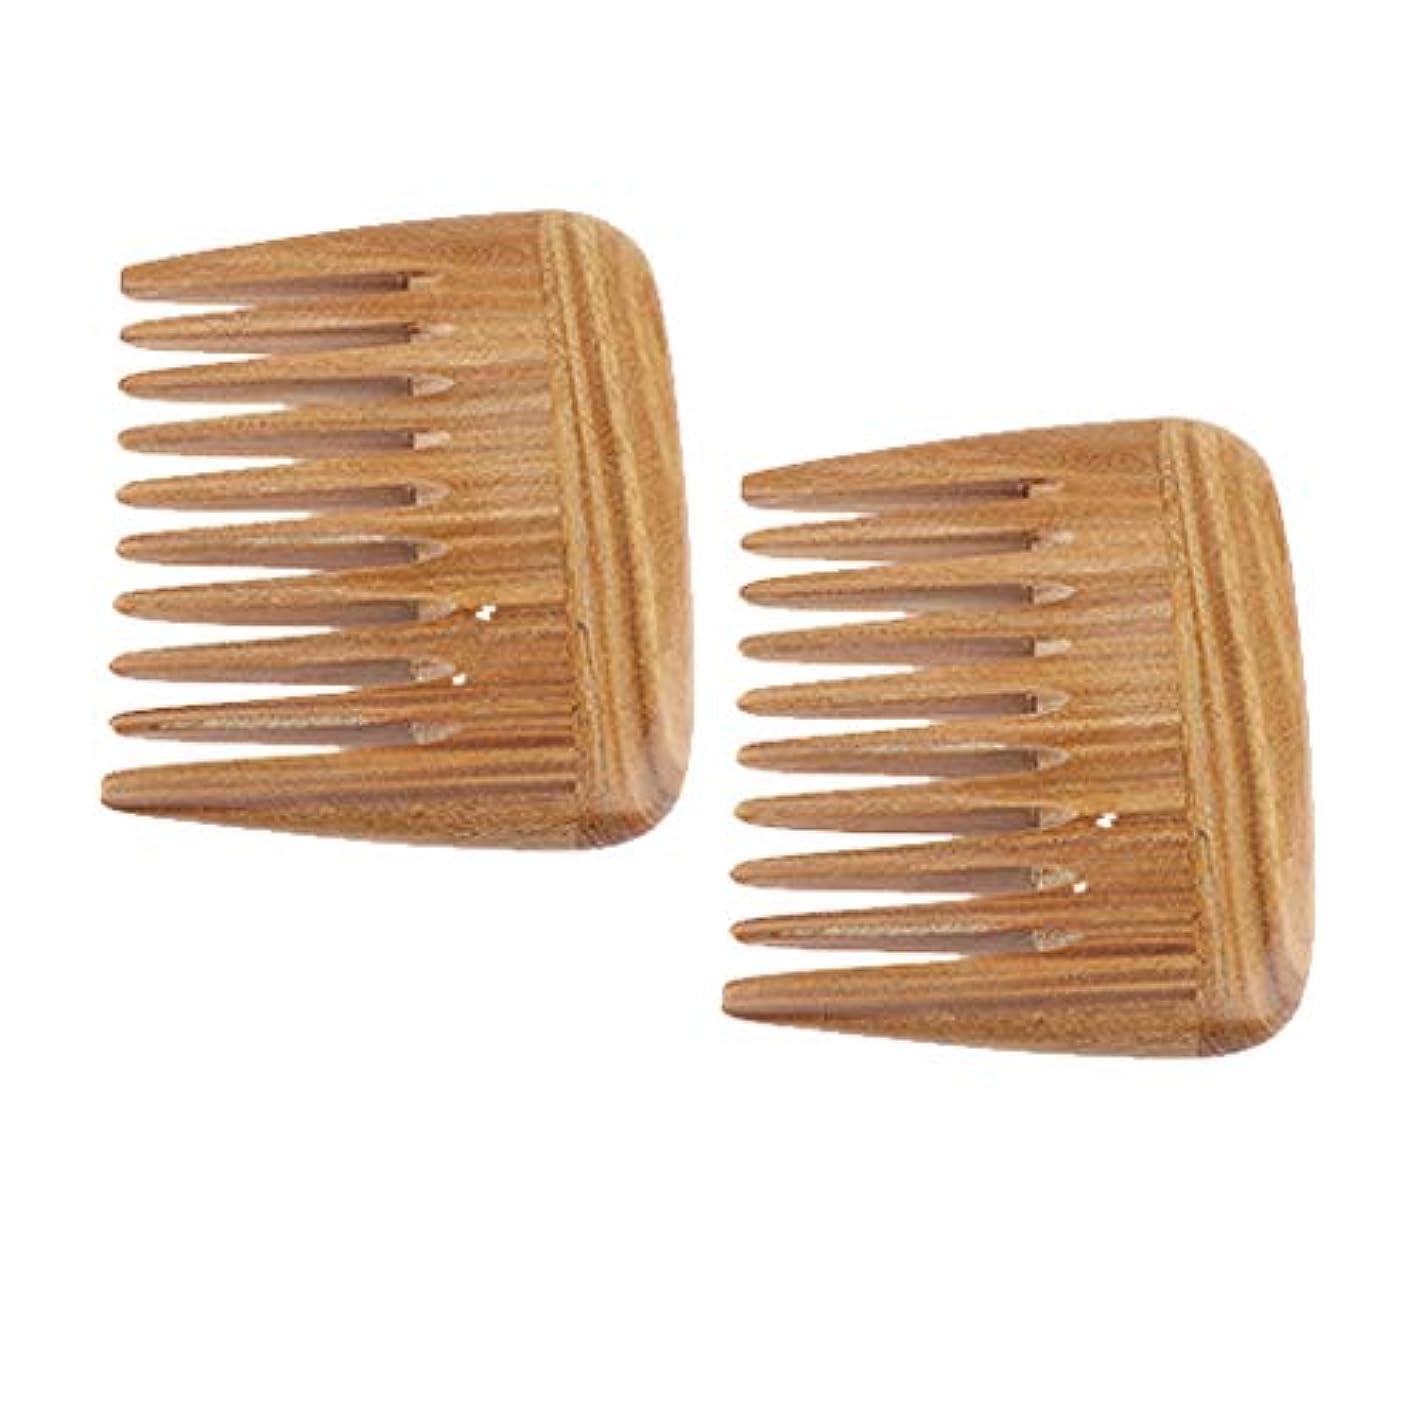 王族特権酸っぱいレトロポケットブラシ 静電気 防止天然マッサージ広い歯 髪の櫛 2個入り